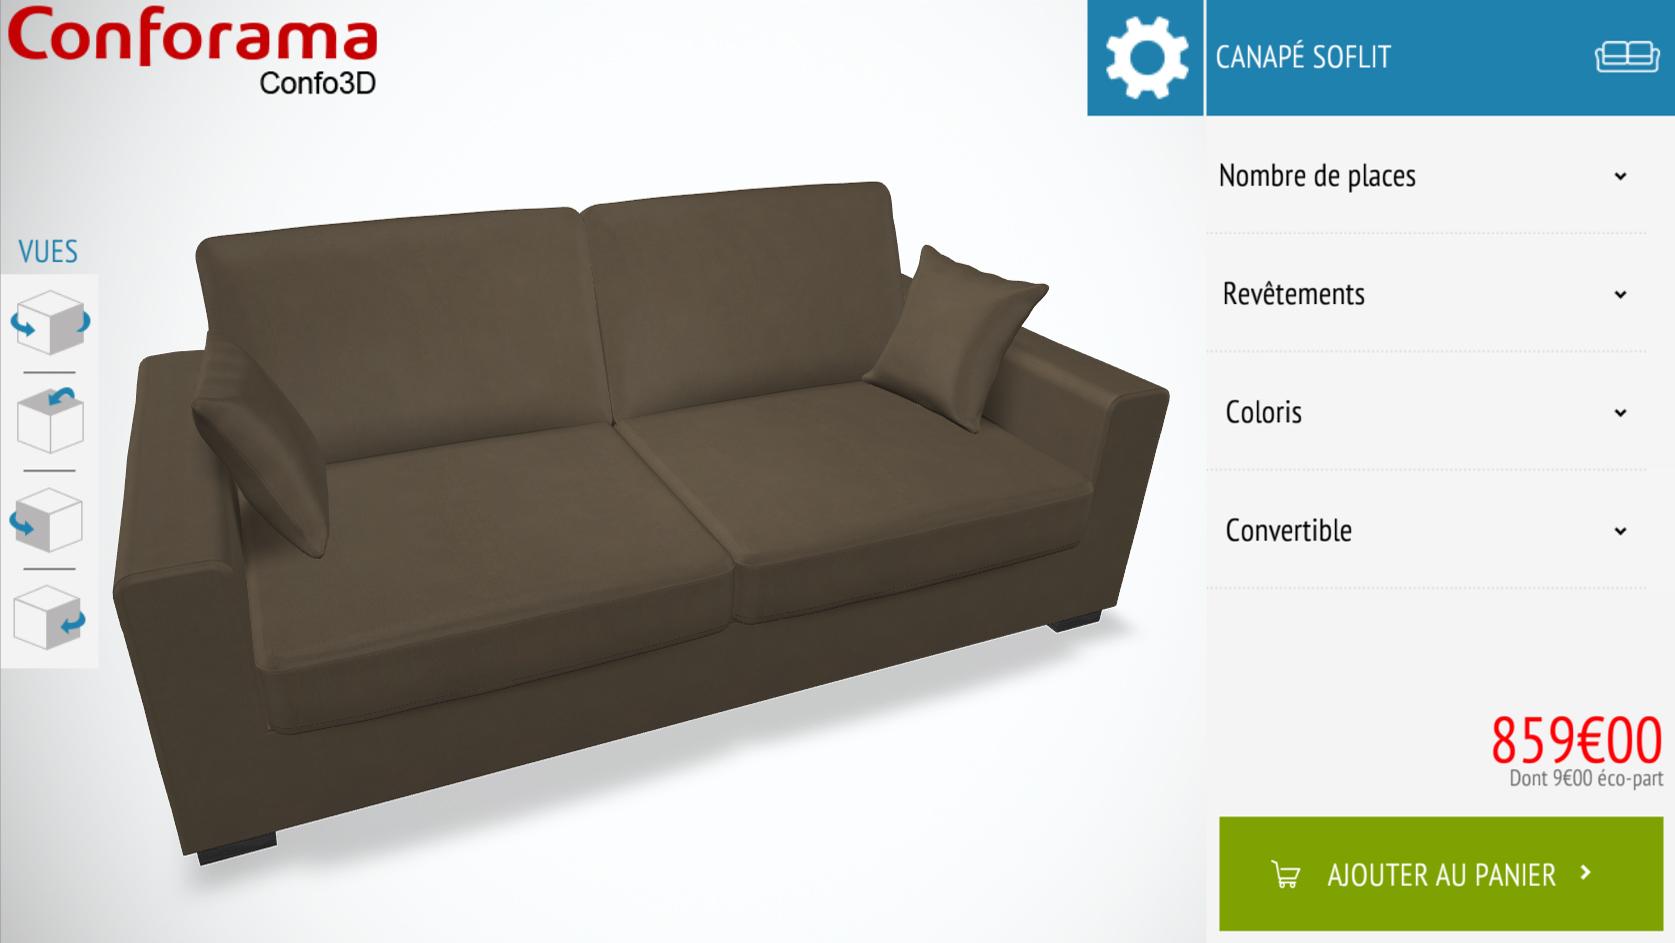 Image canapé confo3D conforama